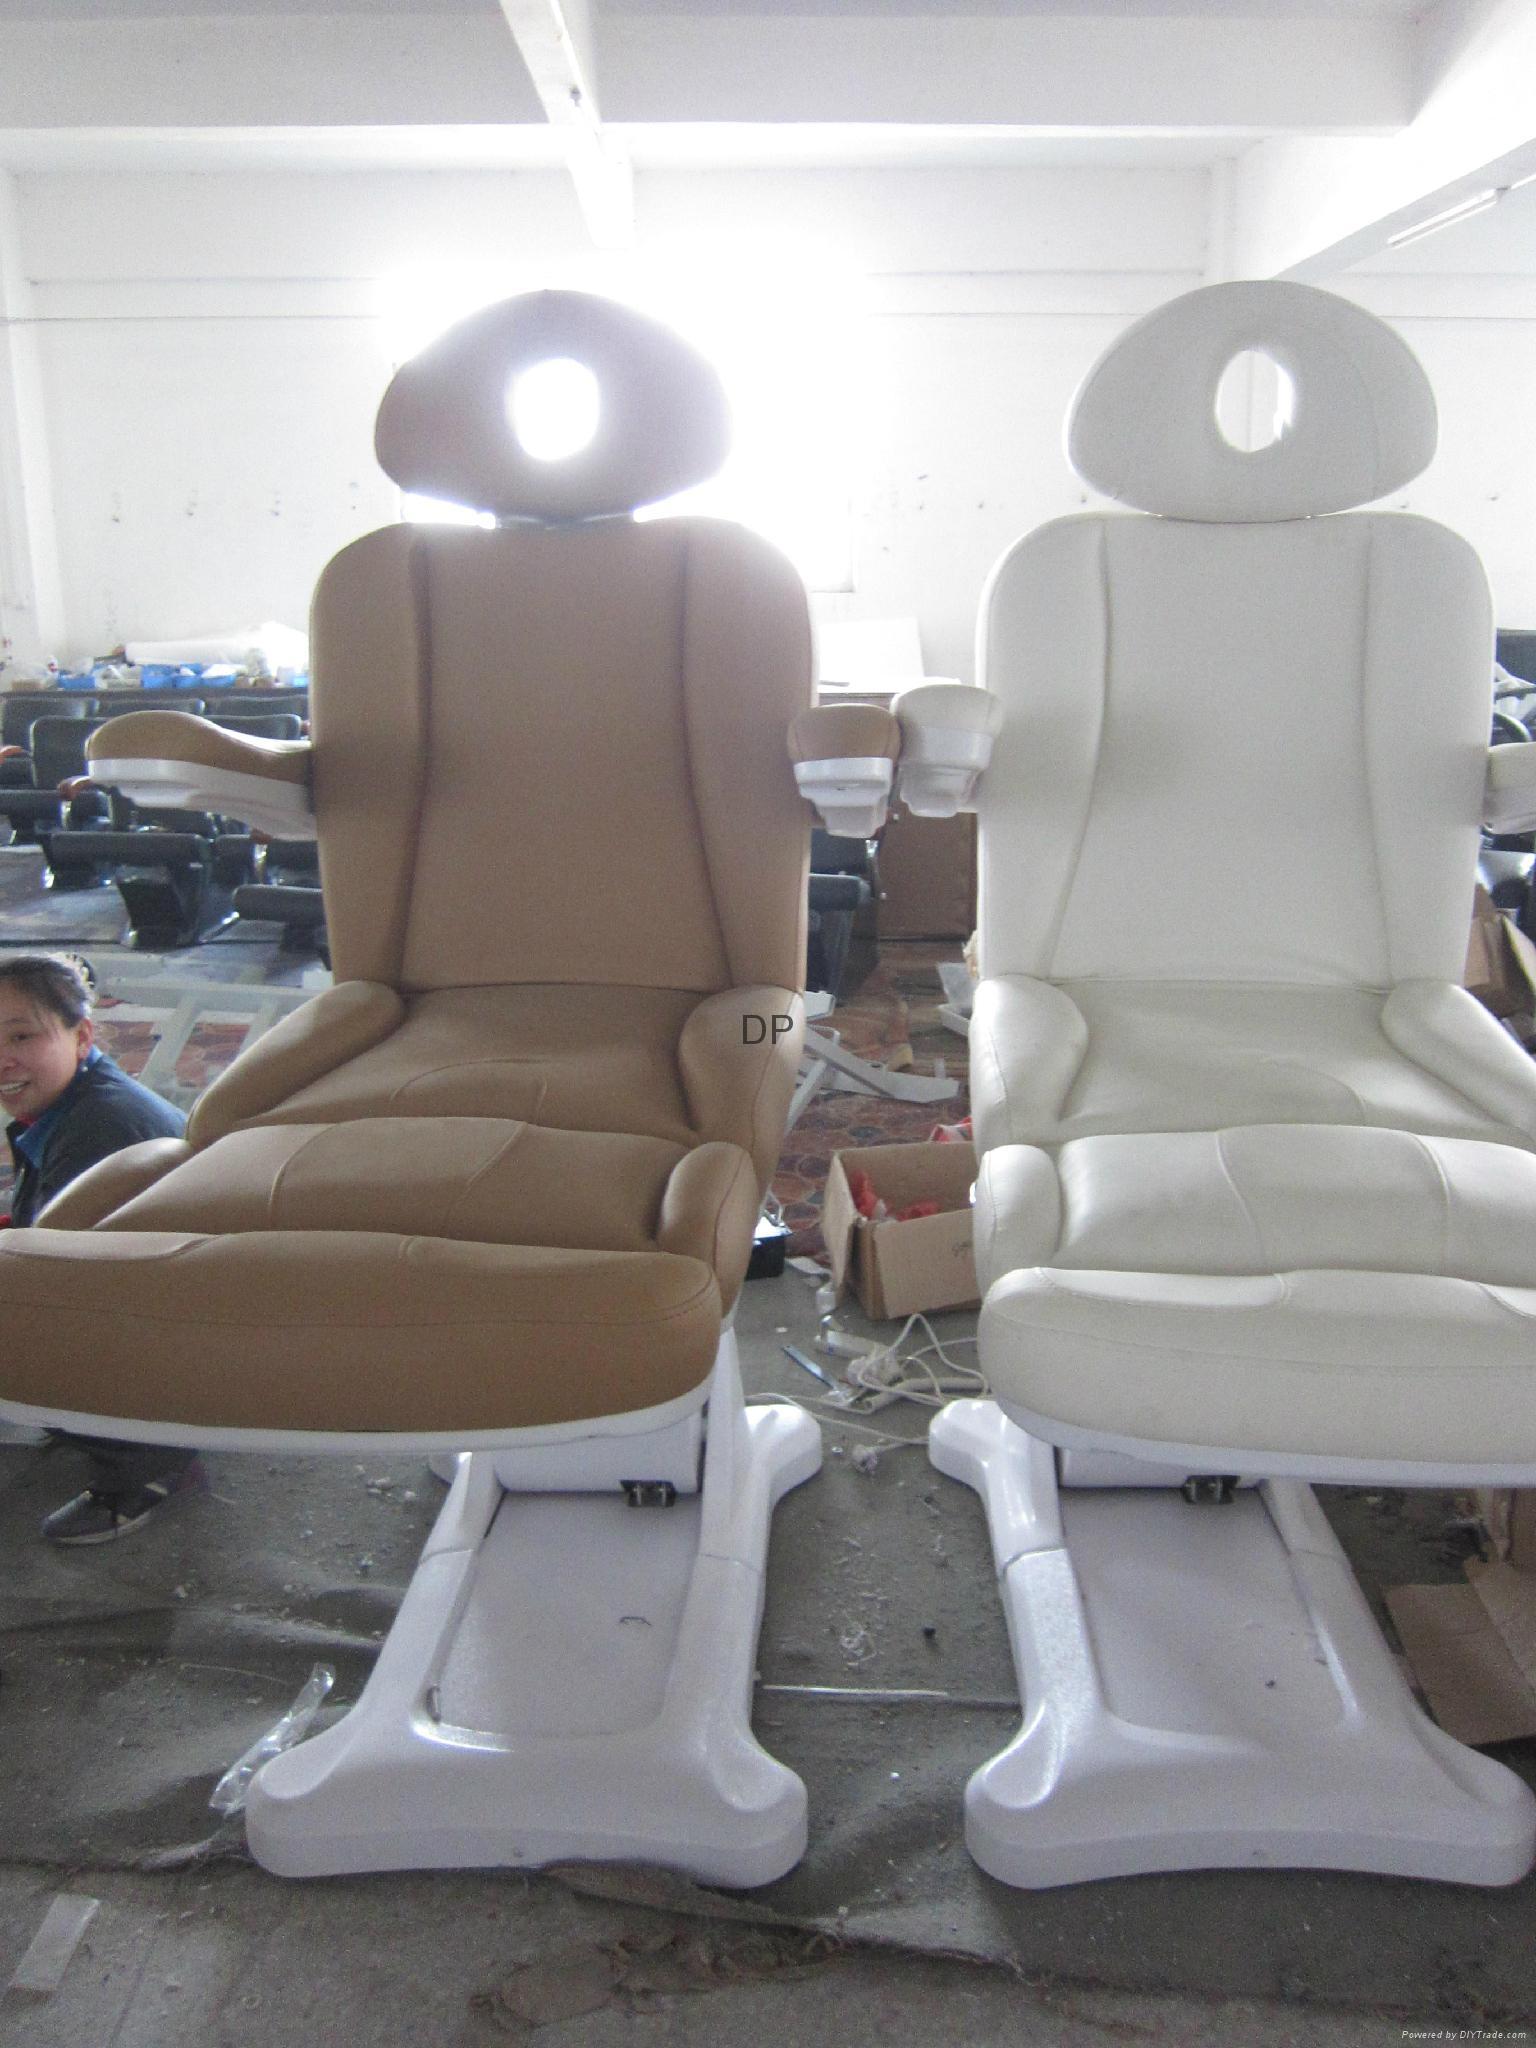 electric medi spa facial chair DP 8293 DongPin China